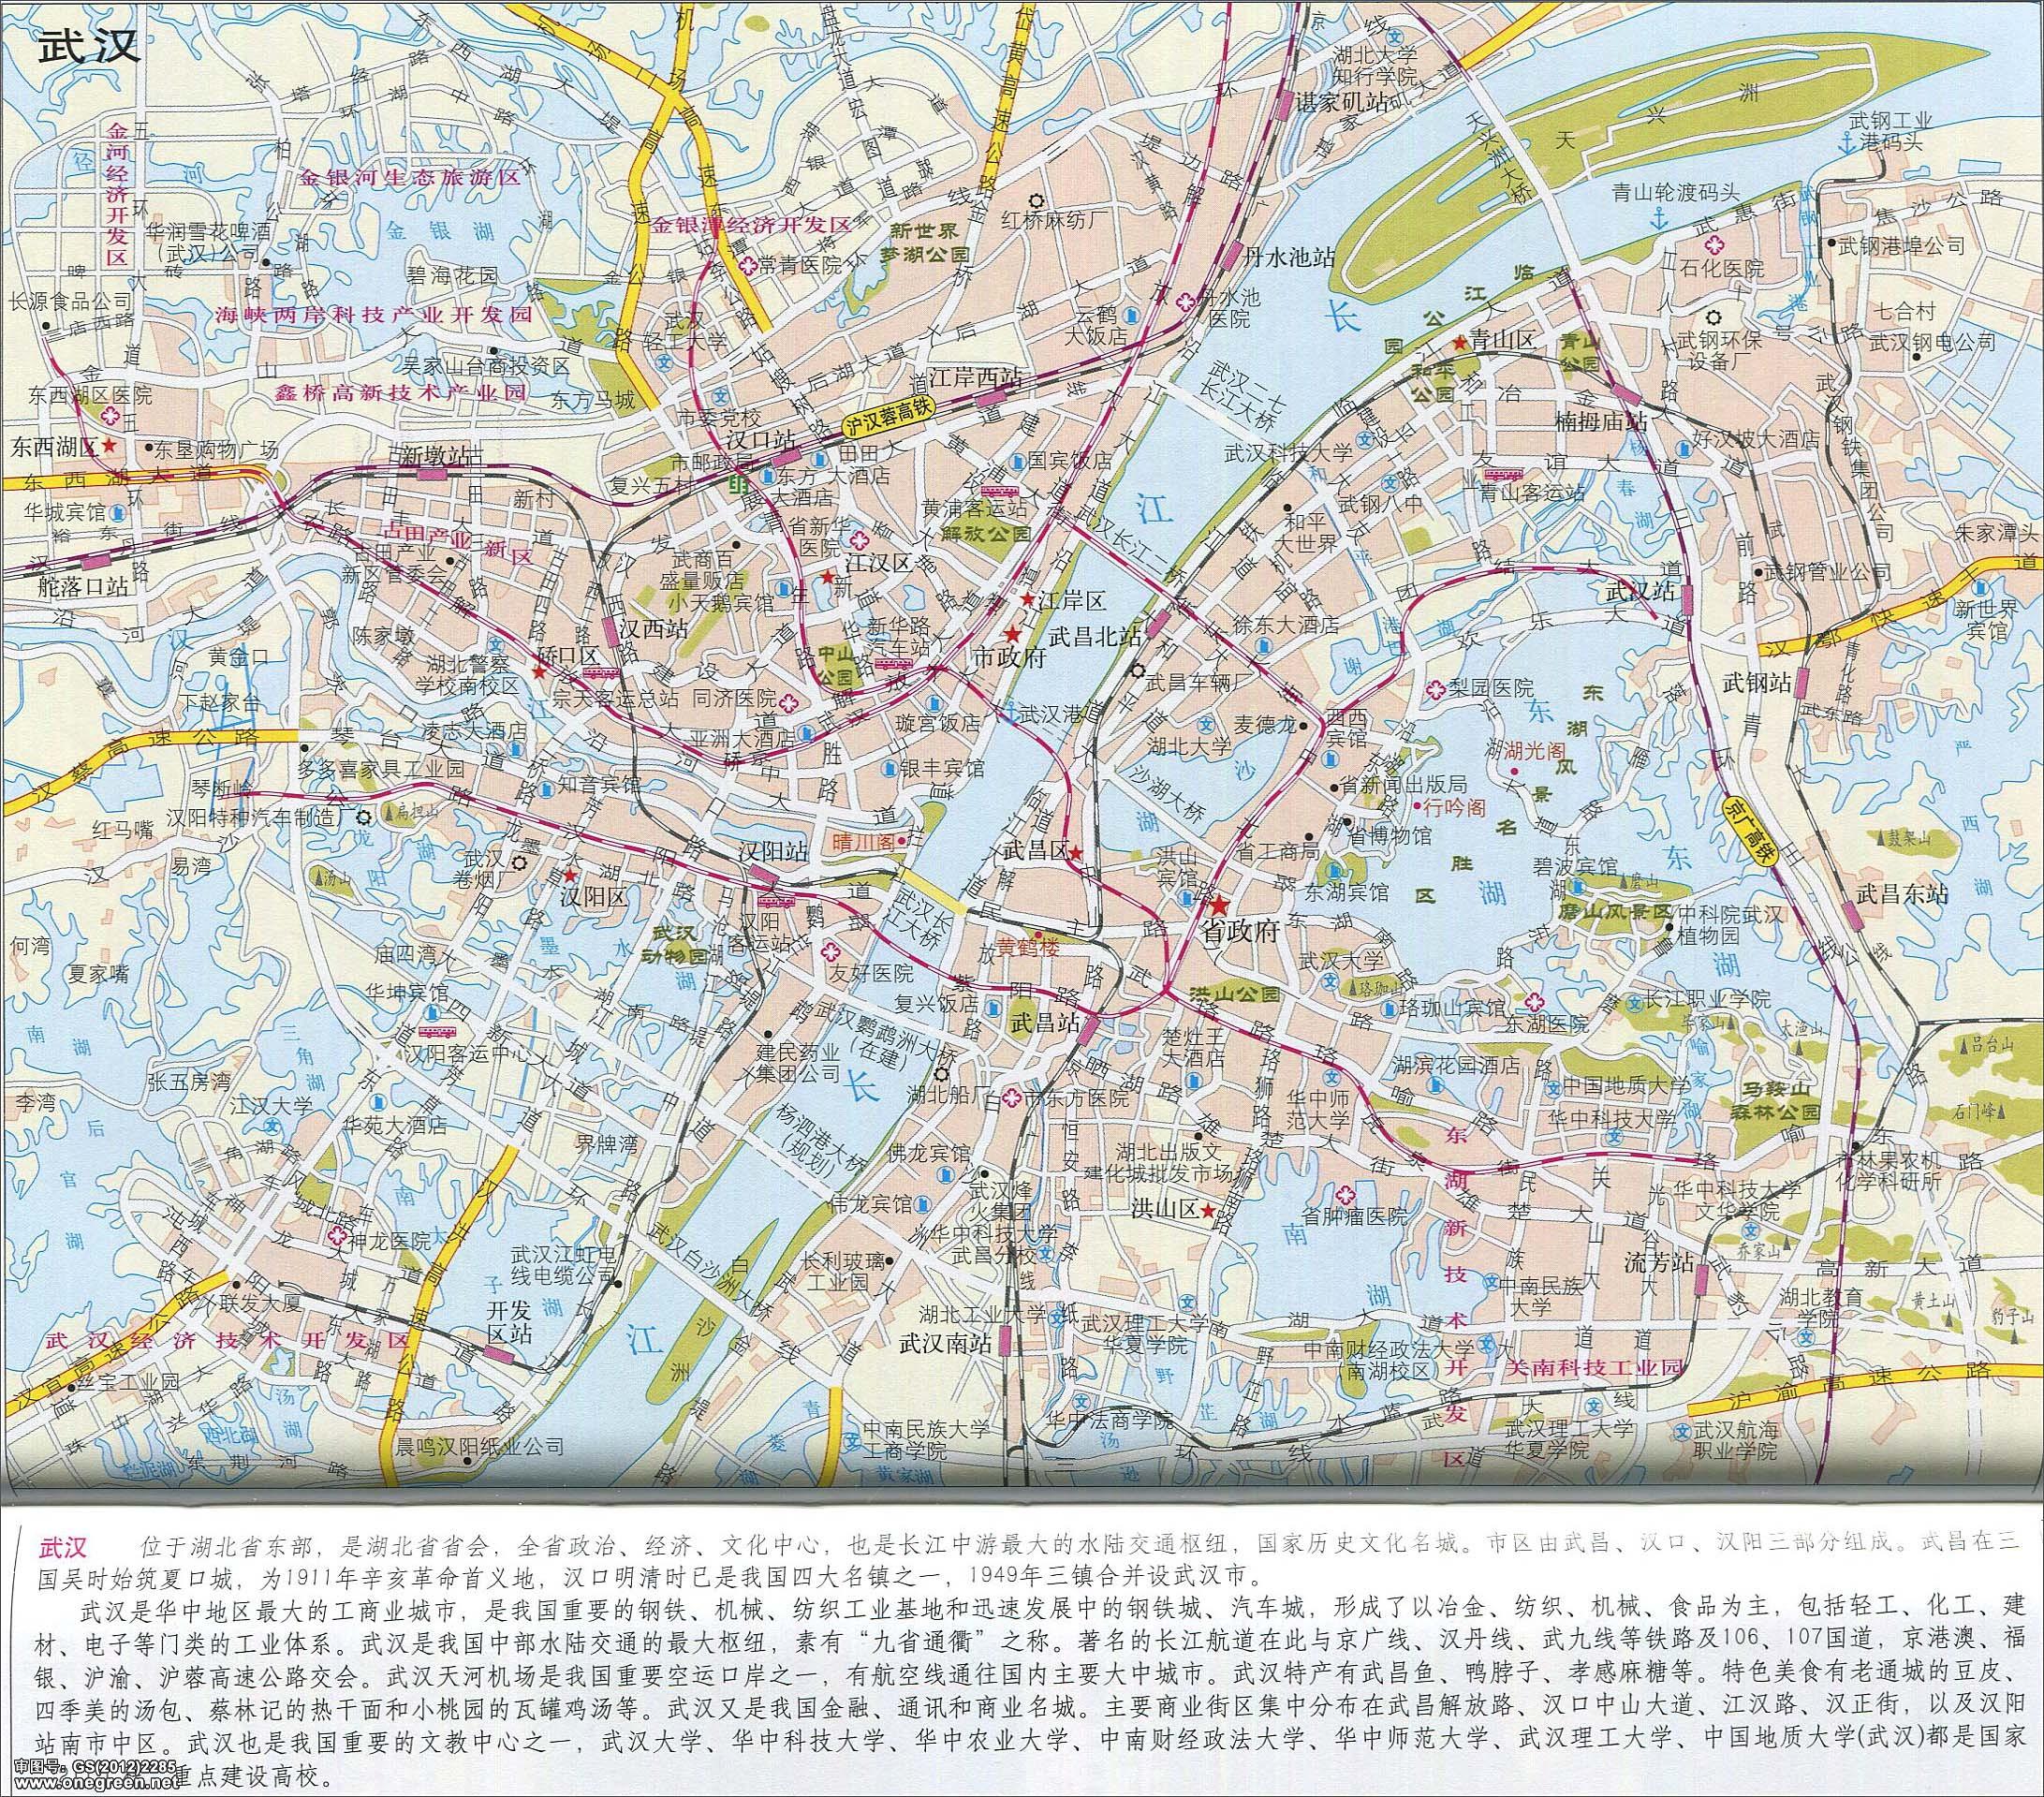 中国地图湖北恩施_武汉地图地形版_武汉地图库_地图窝